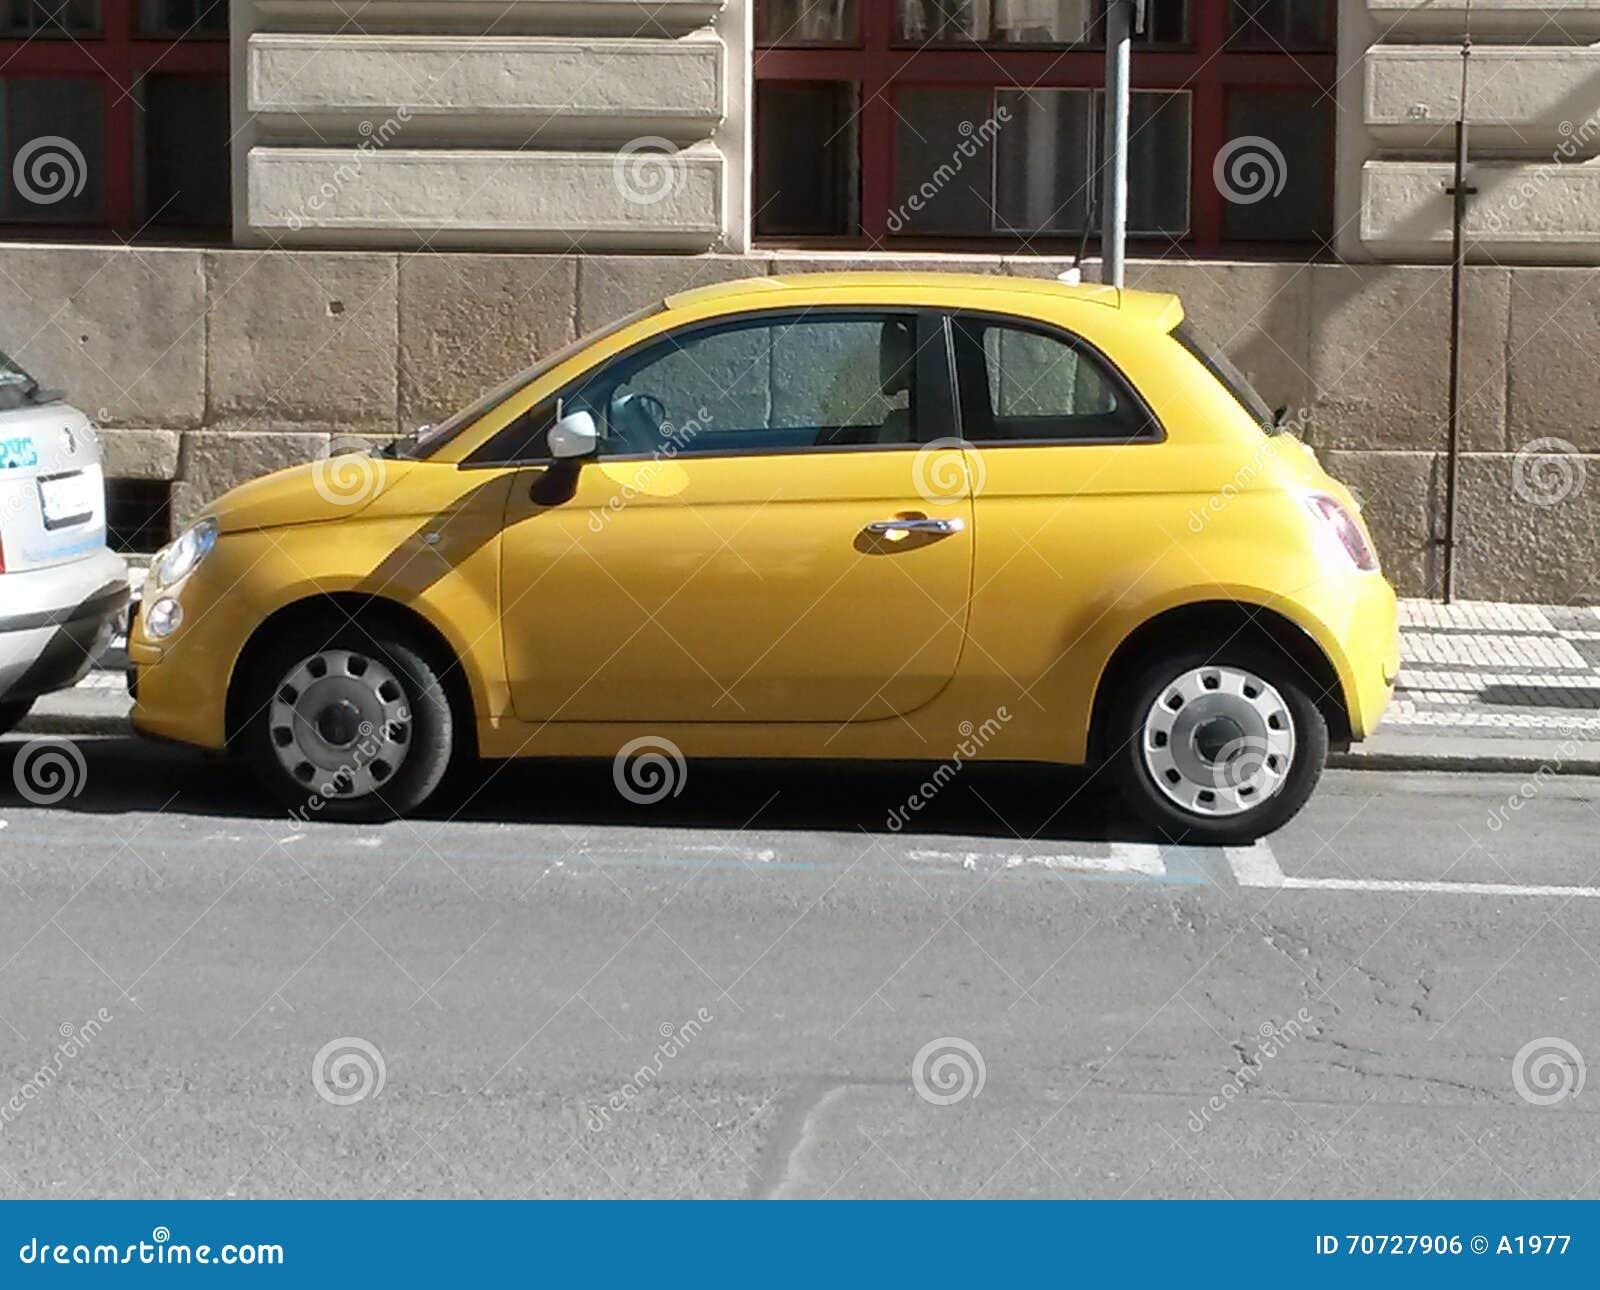 Groovy Żółty FIAT 500 Samochód W Praga Zdjęcie Editorial - Obraz złożonej GX14